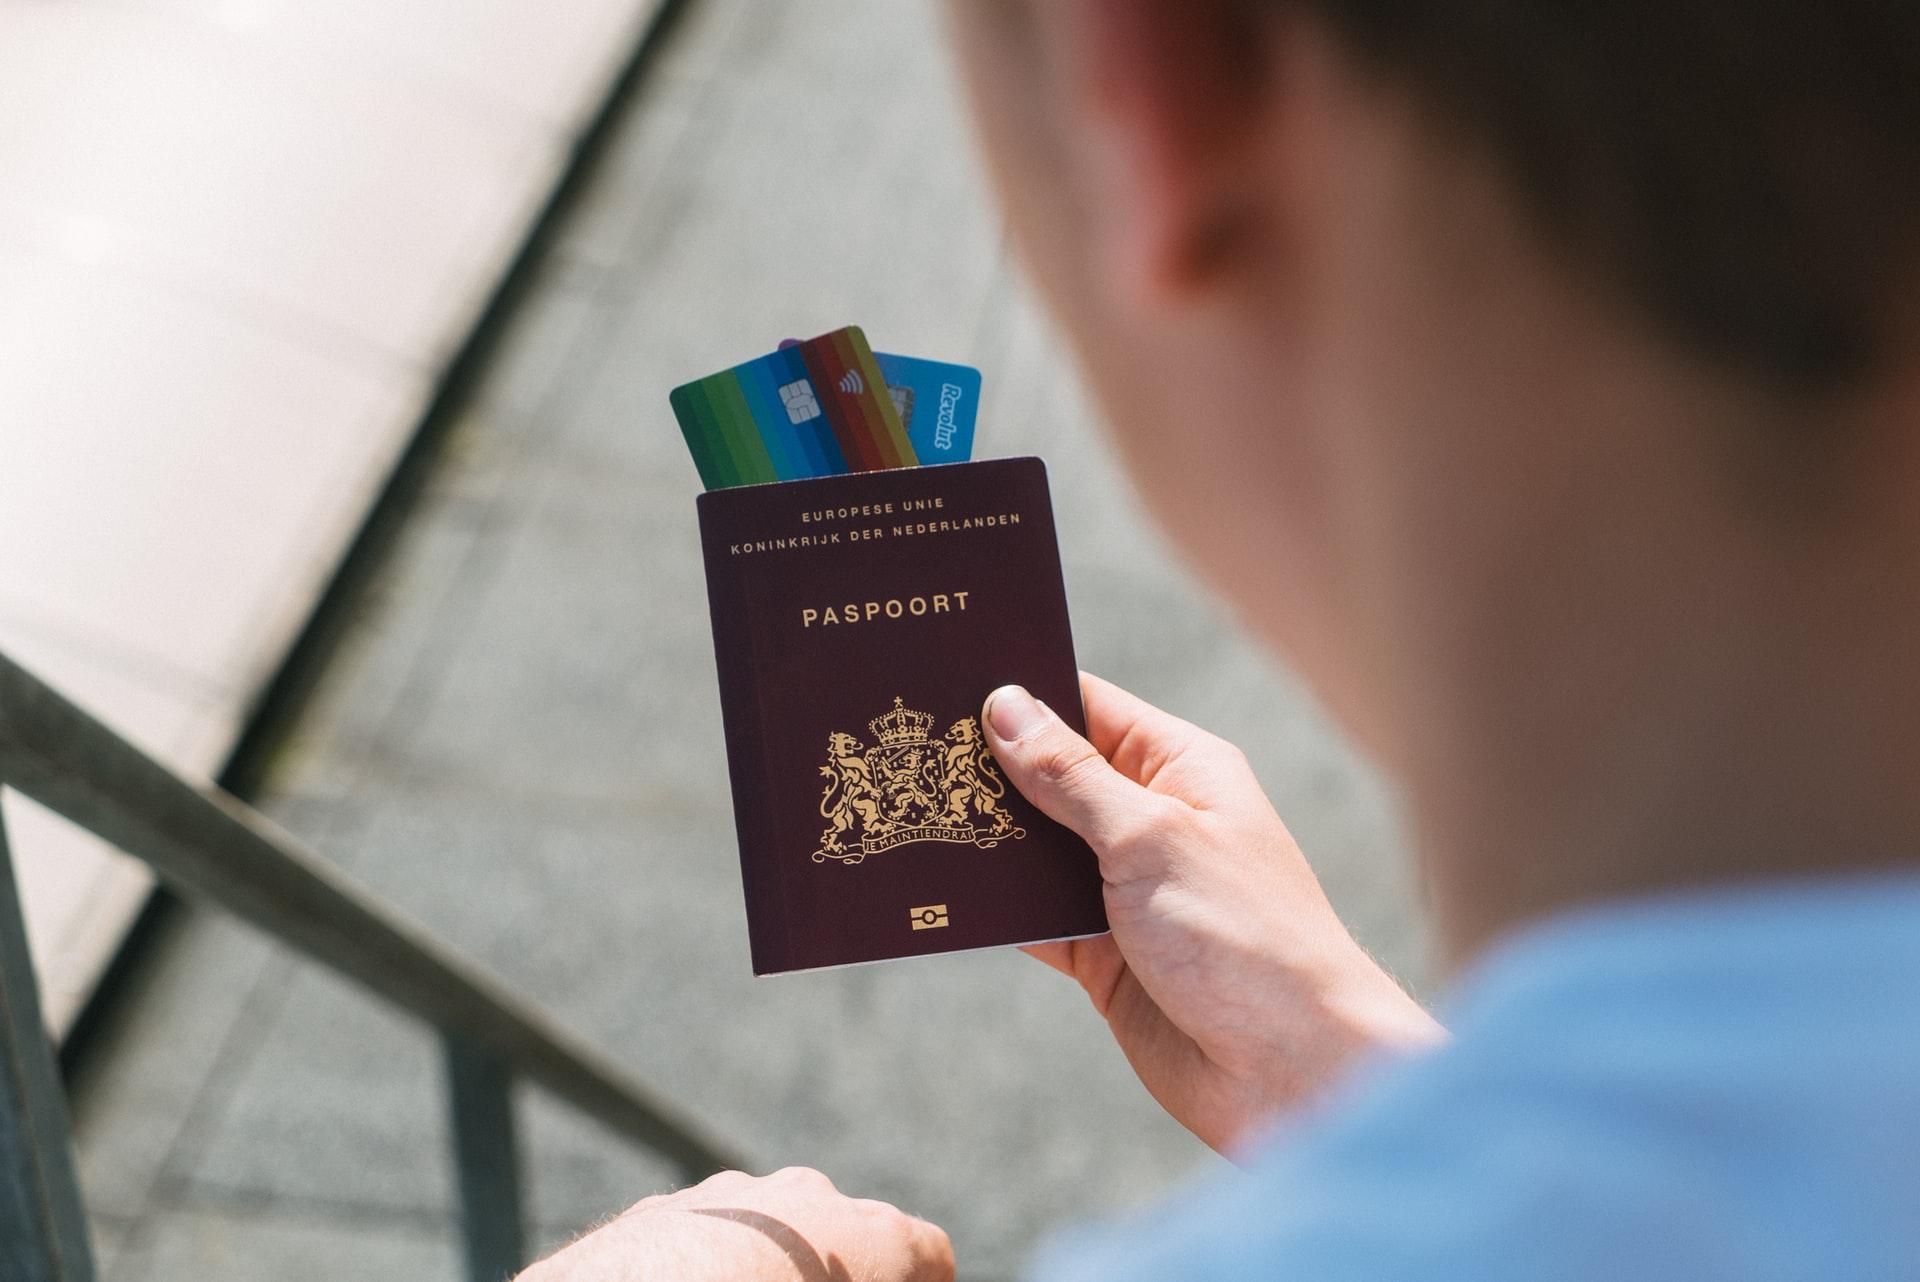 Гражданство за инвестиции: как купить паспорт? (часть 2 из 3) - 3